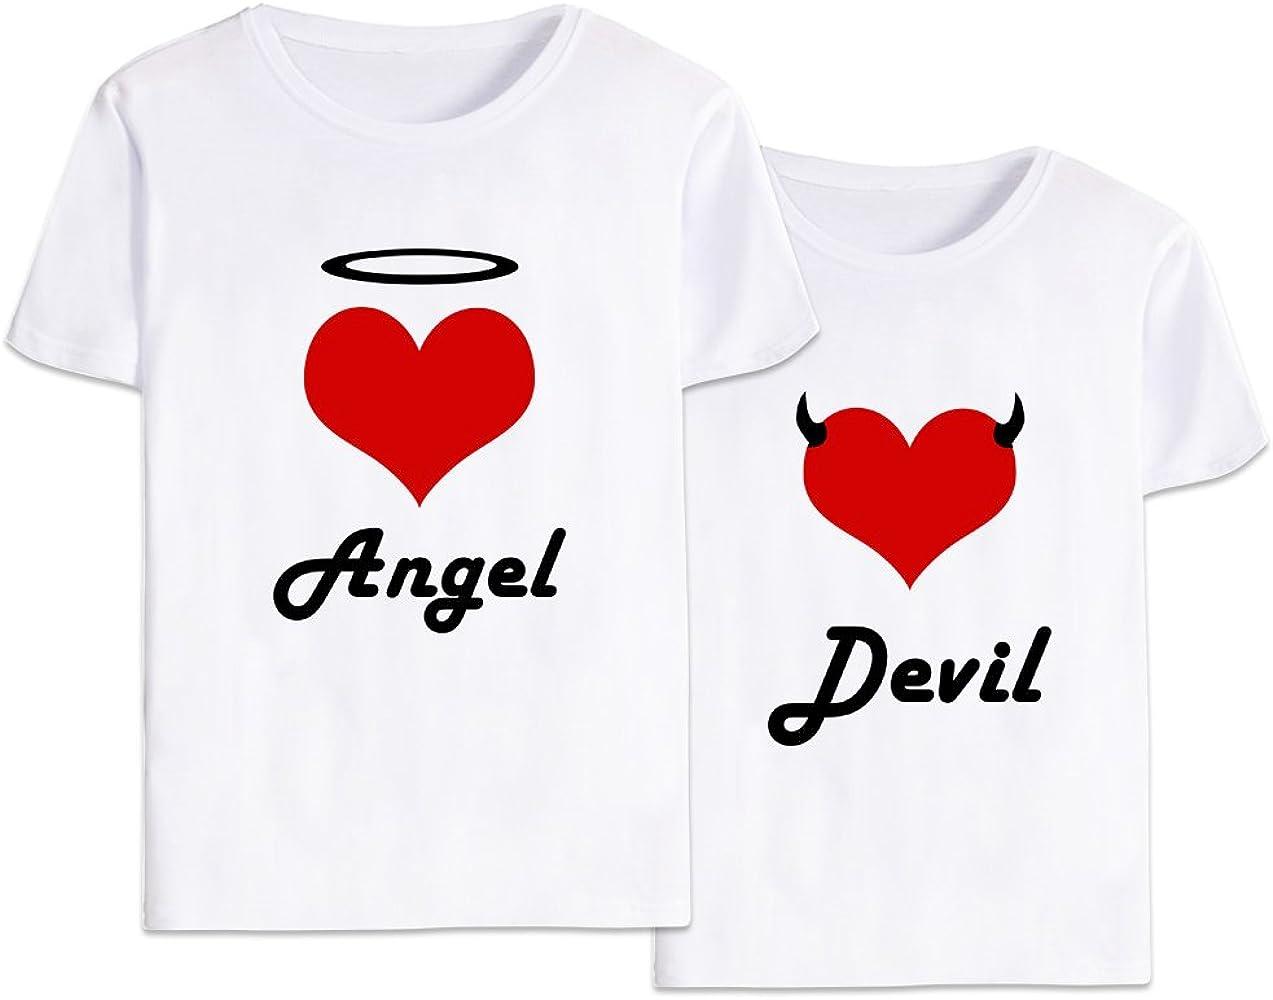 Mejores Amigas Camiseta Algodón Best Friend Shirt Impresión 2 Piezas Angel Devil T-Shirt Manga Corta Graphic Tumblr Print Verano para Mujeres Moda Casual(Blanco+Blanco,Angel-XL+Devil-XL): Amazon.es: Ropa y accesorios